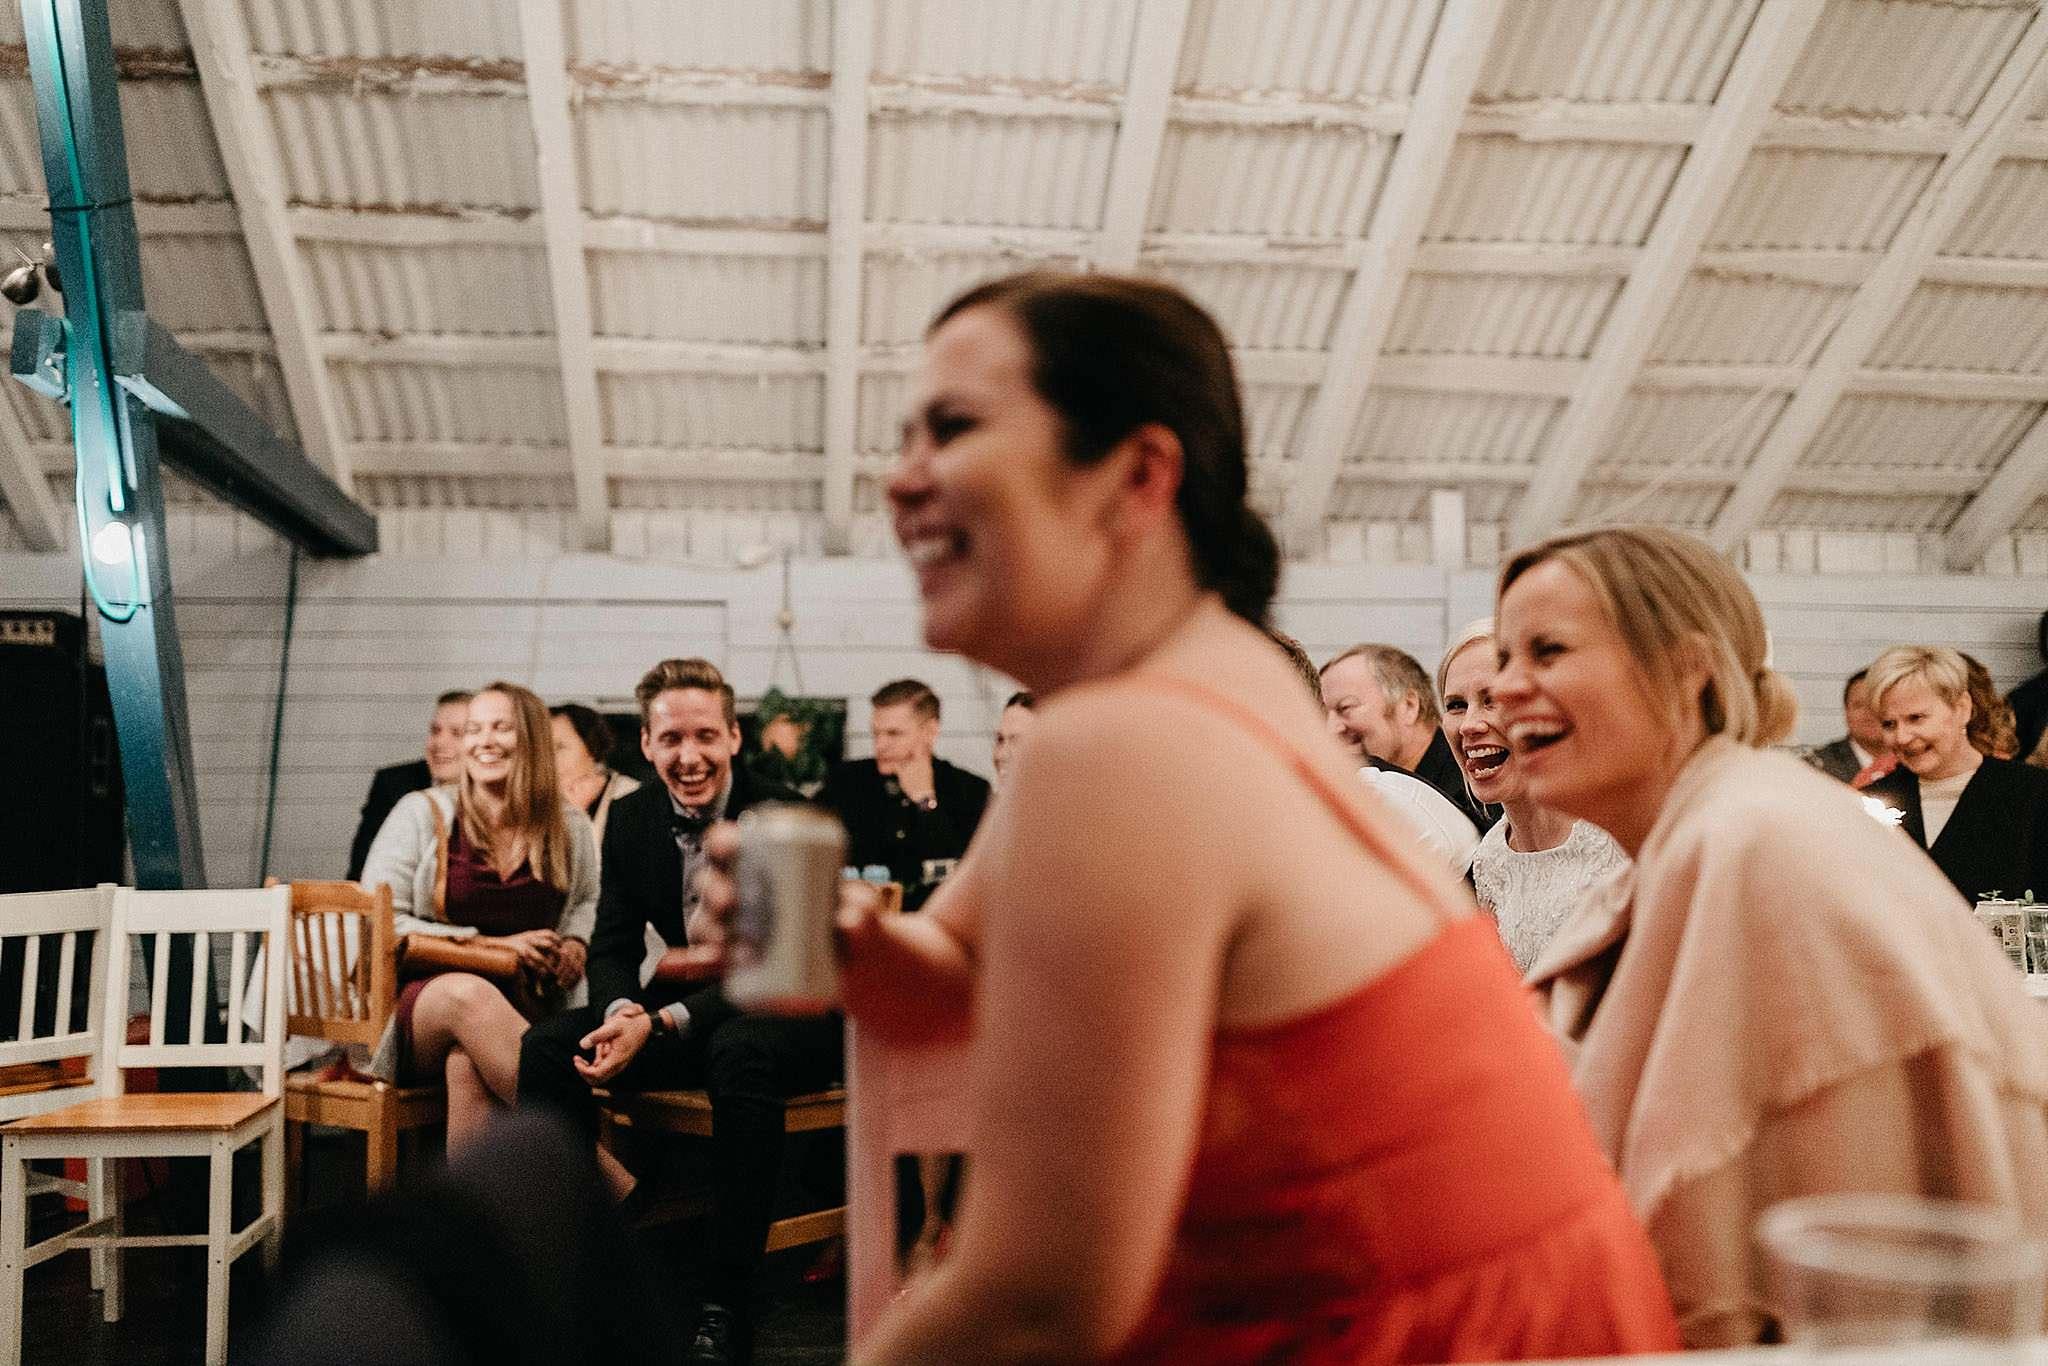 Haakuvaus_wedding_jyvaskyla_muurame_tuomiston_tila_0117.jpg